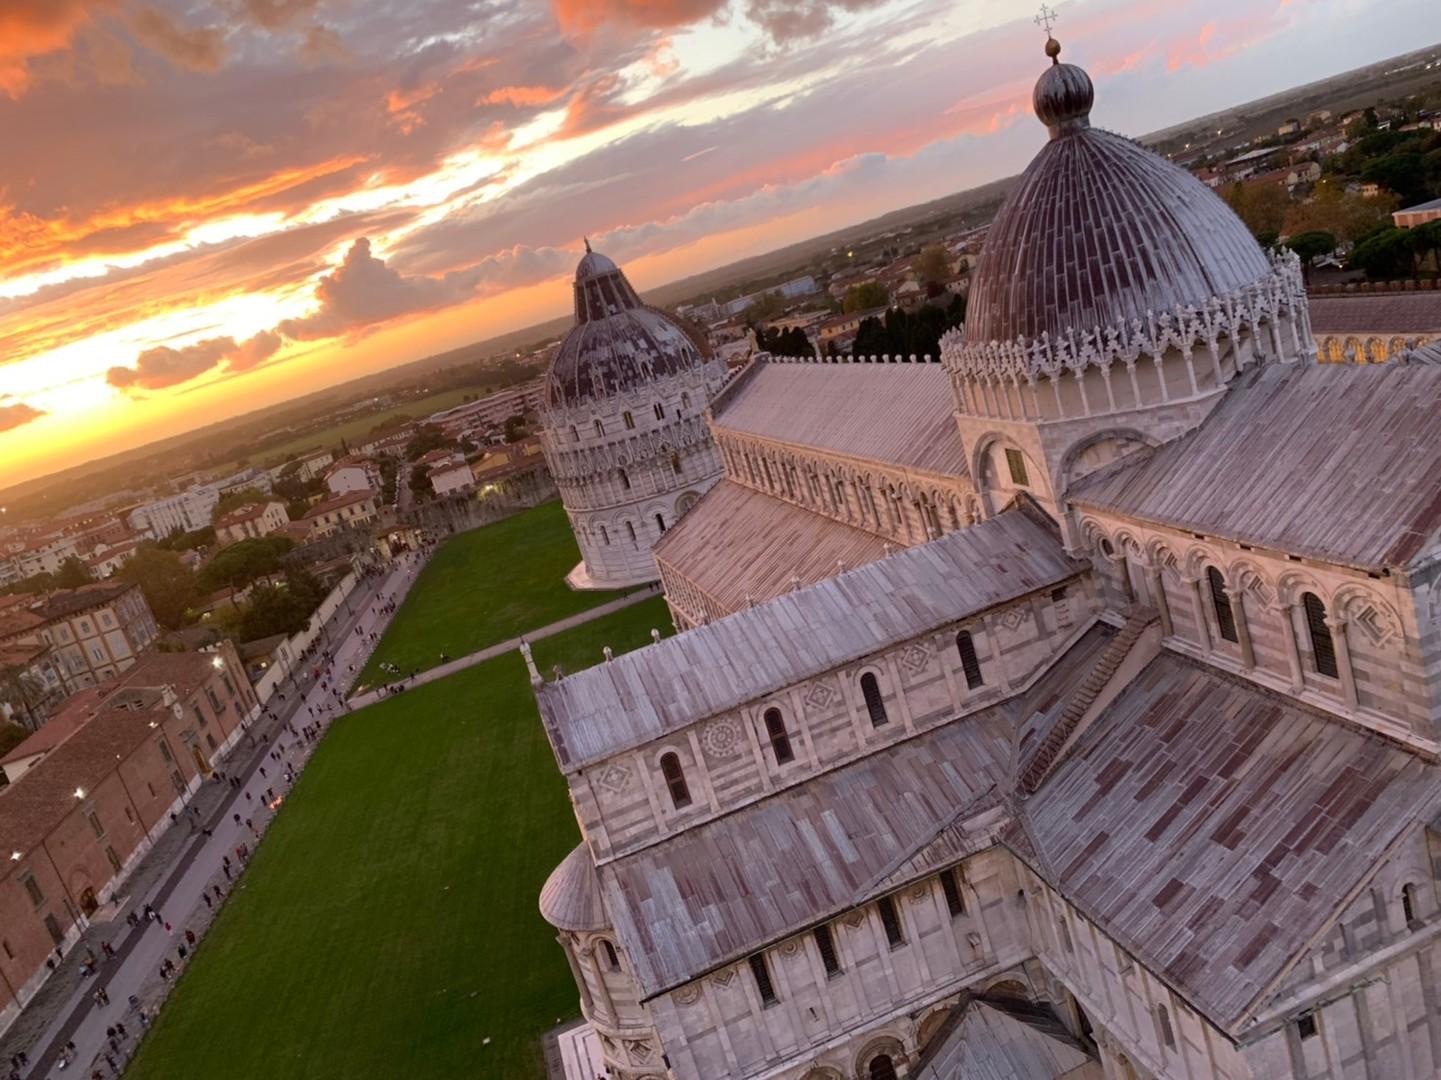 ローマ発フィレンツェ弾丸ツアーでした。朝早くから集まり、たくさん歩きました。ピサの斜塔から見た夕日は本当に綺麗で、忘れられない思い出になりました。